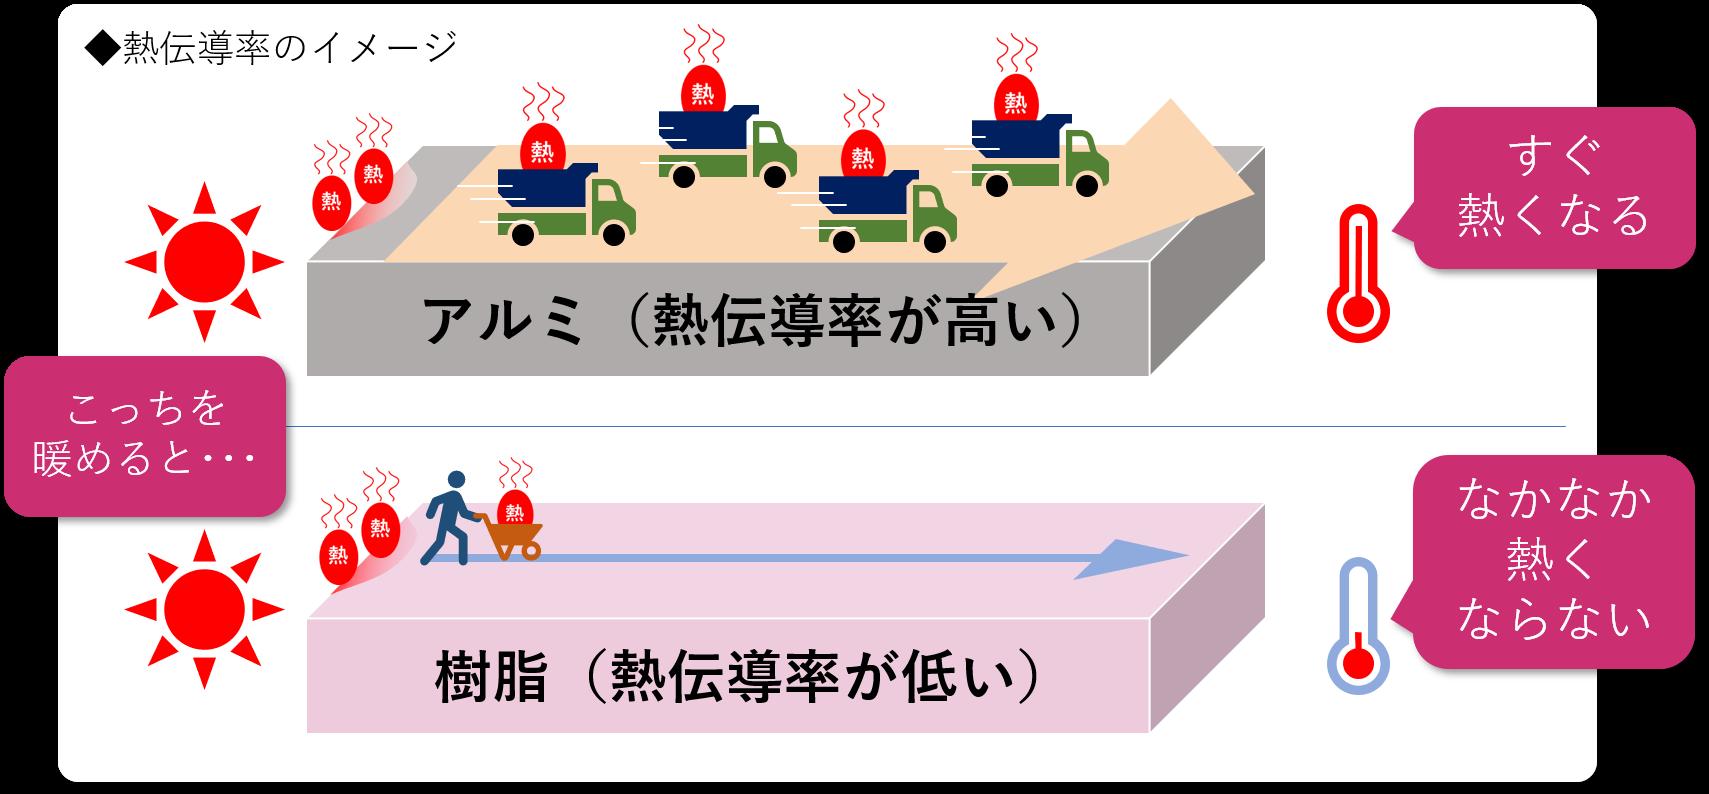 熱伝導率のイメージ